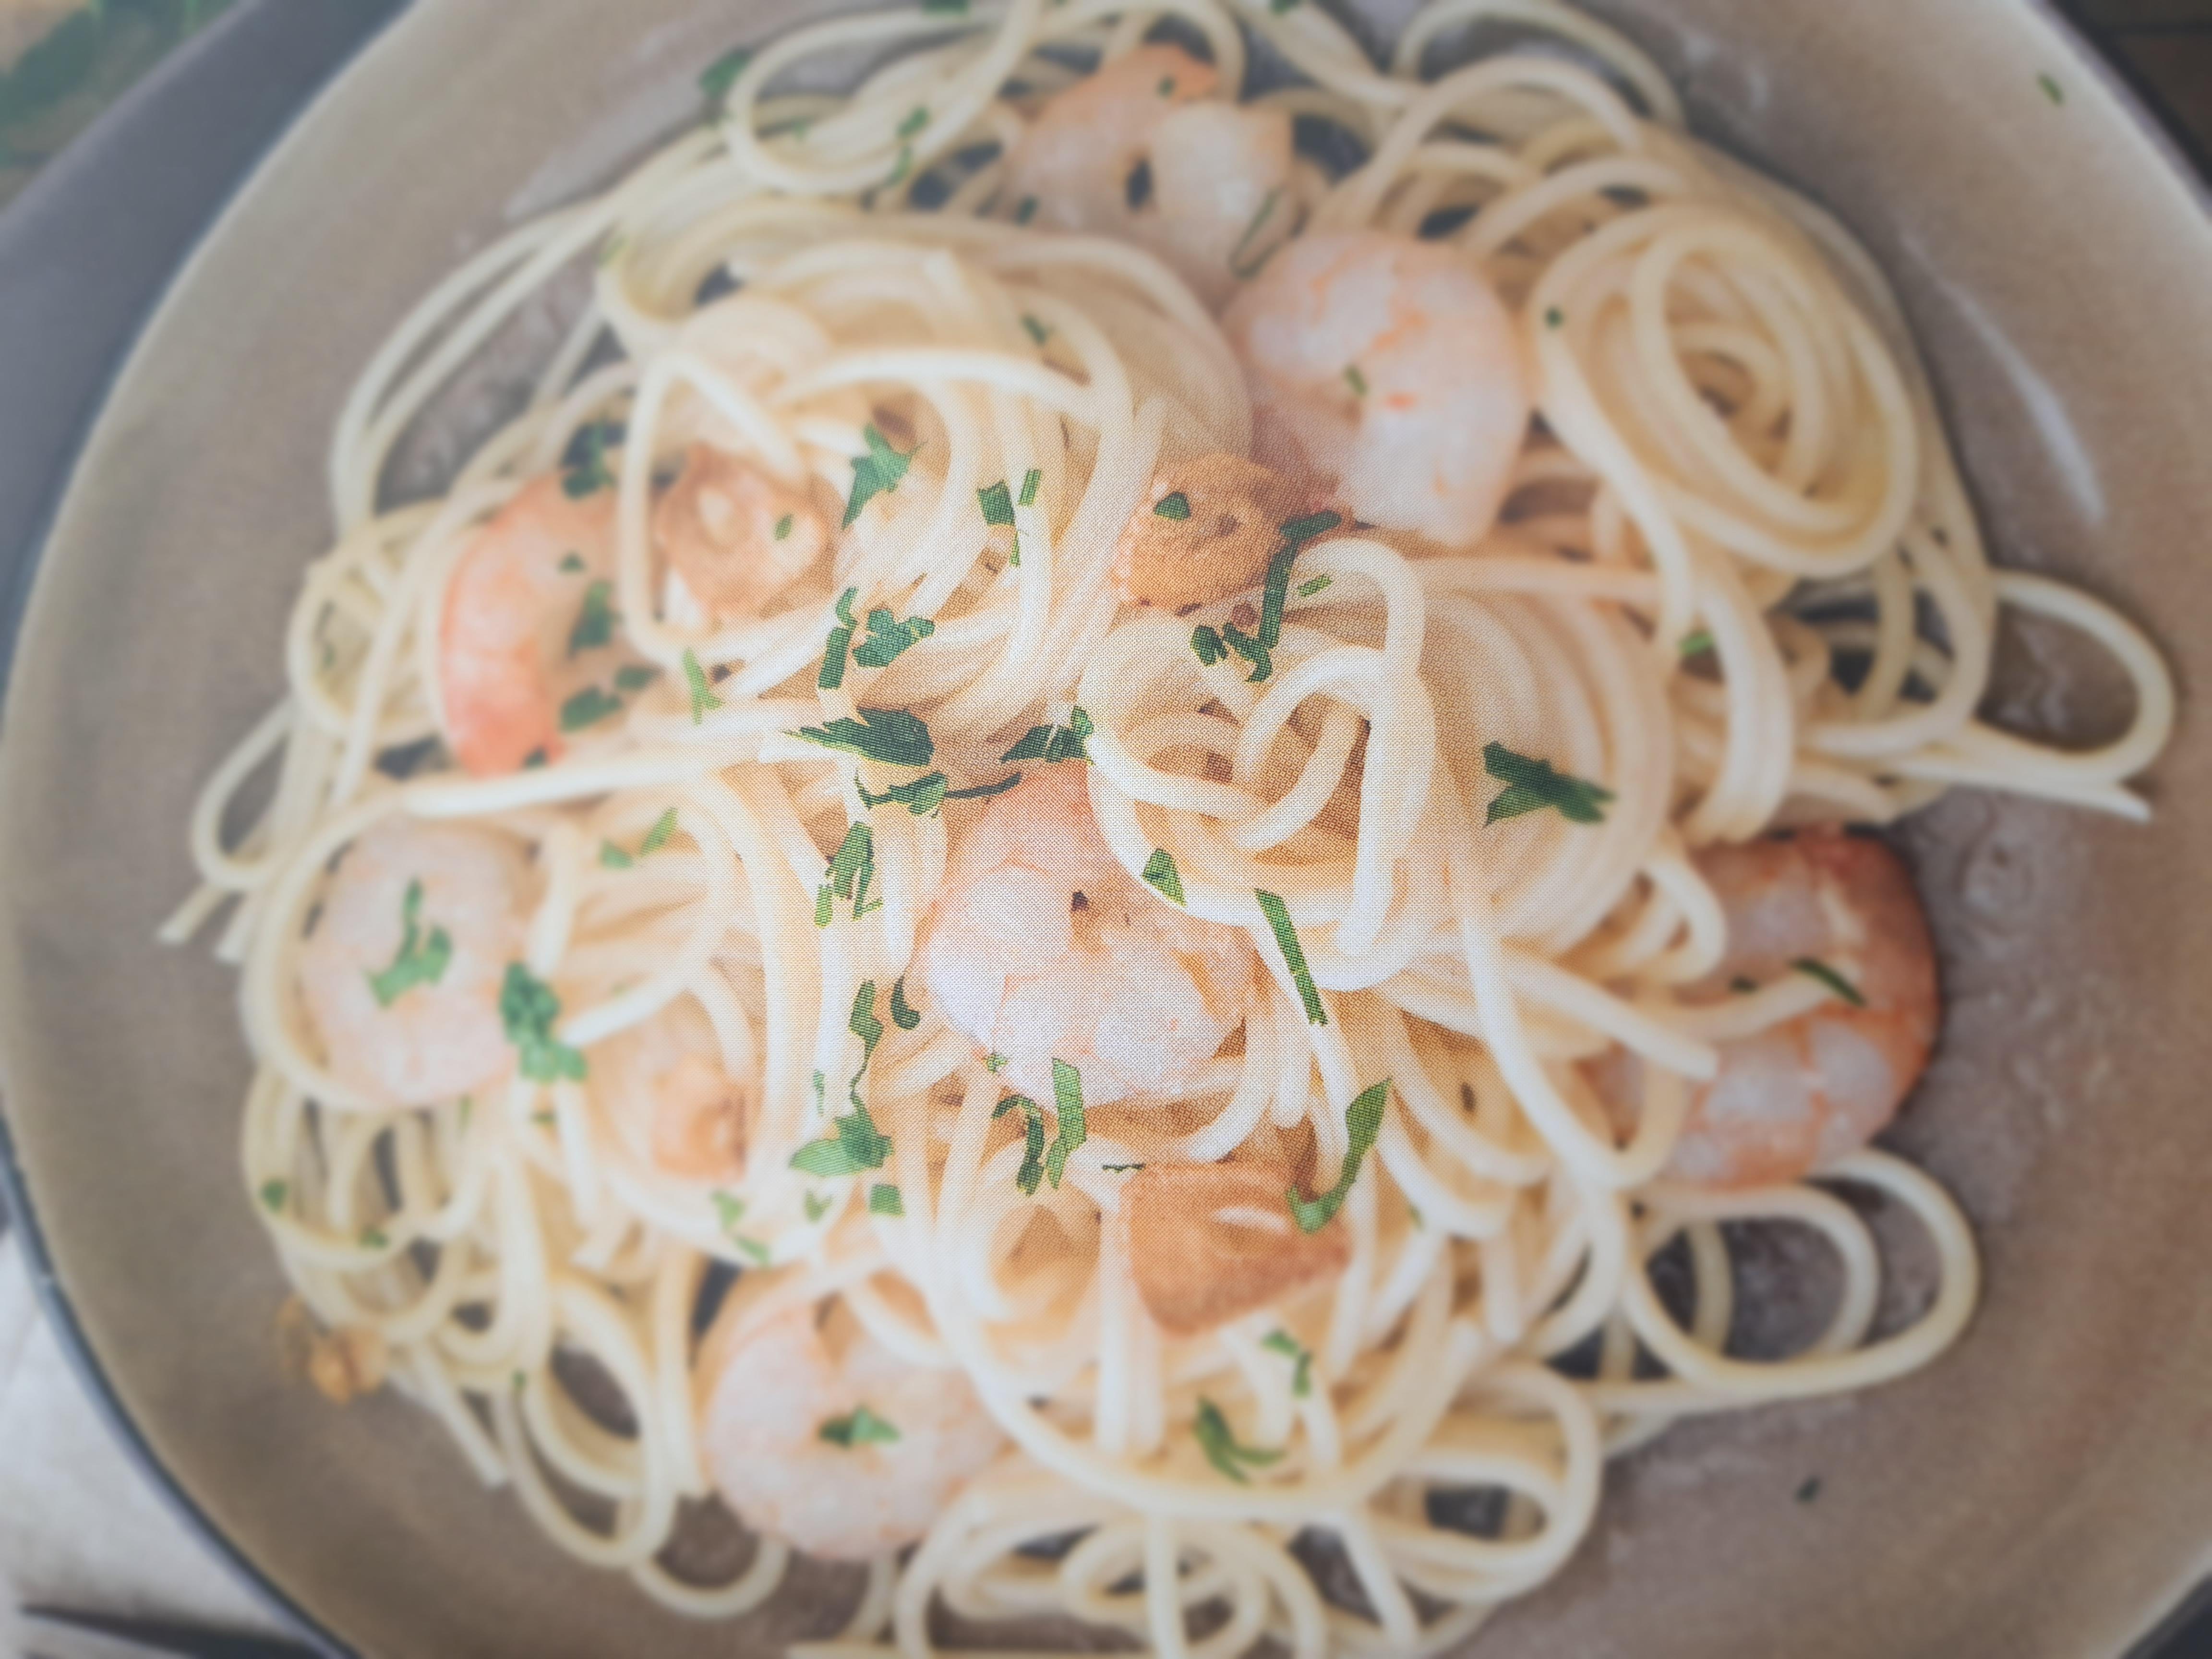 Espaguetis Con Gambas Al Ajillo Pastas Y Arroces Blog De Mªvioleta Avila Mateos De Thermomix Barcelona